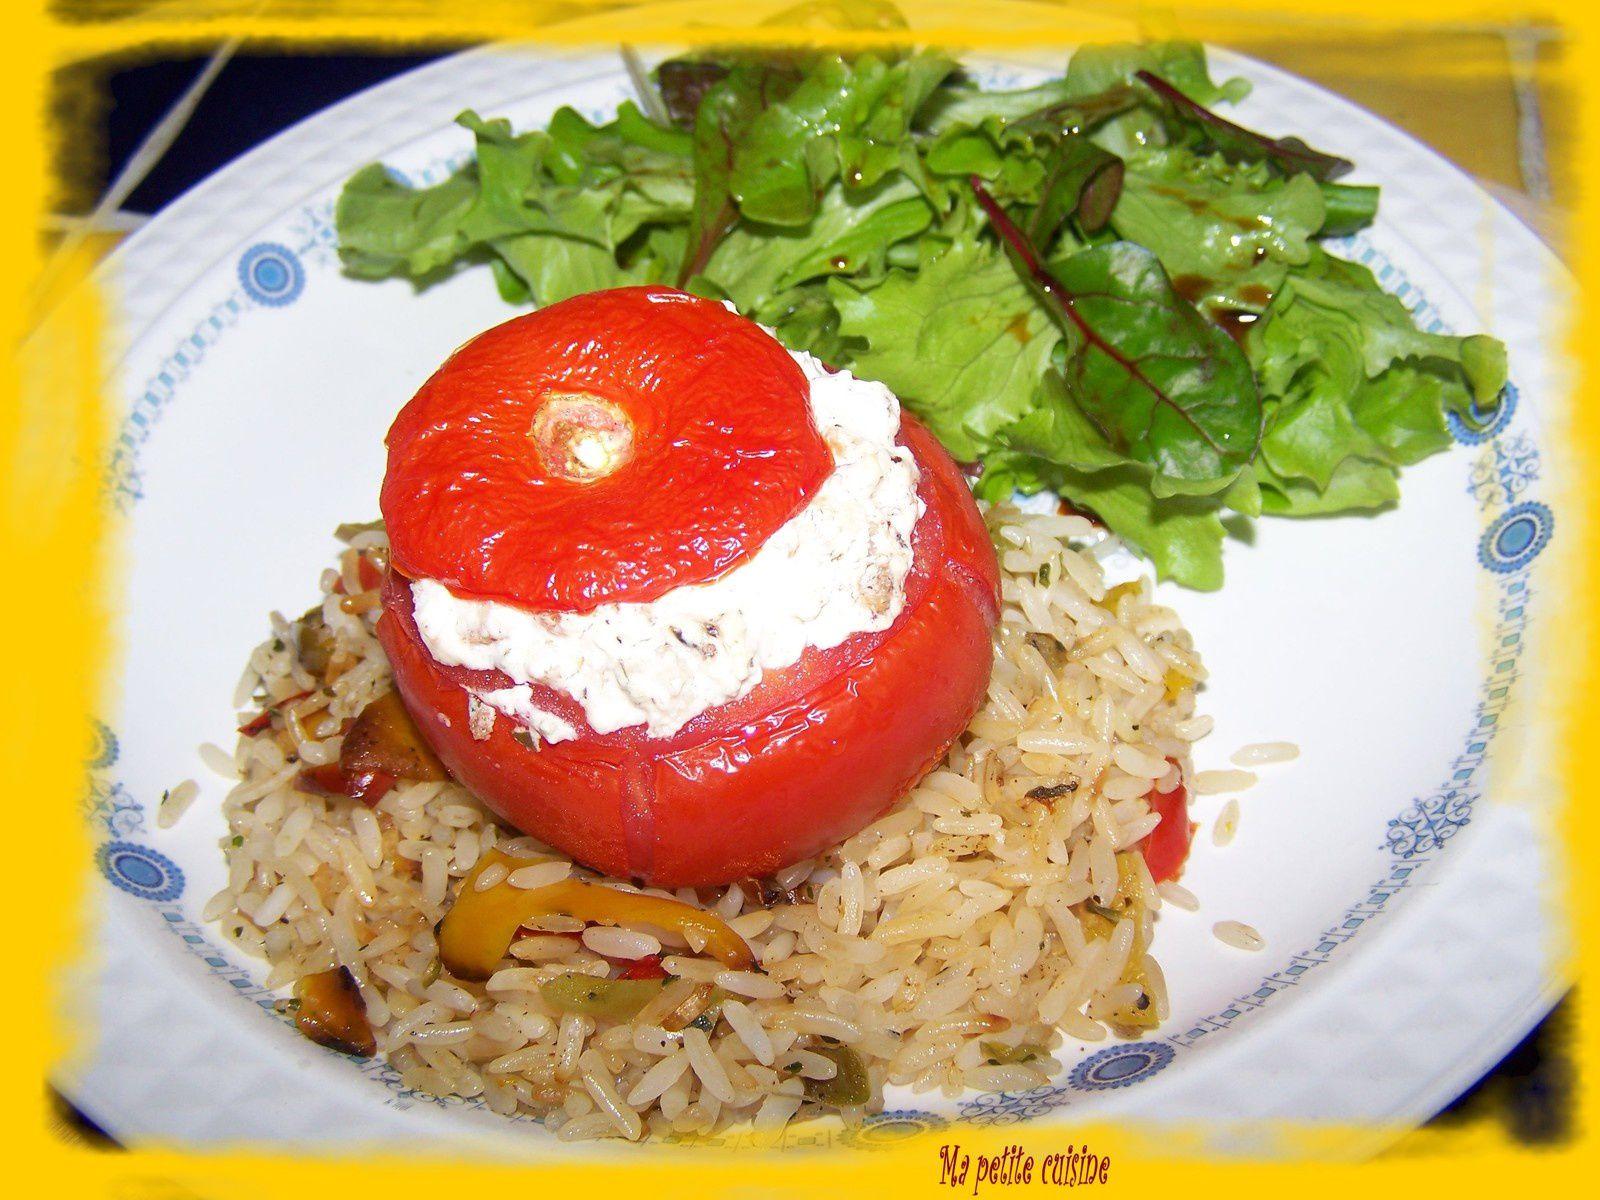 Tomates farcies au chèvre et pain grillé